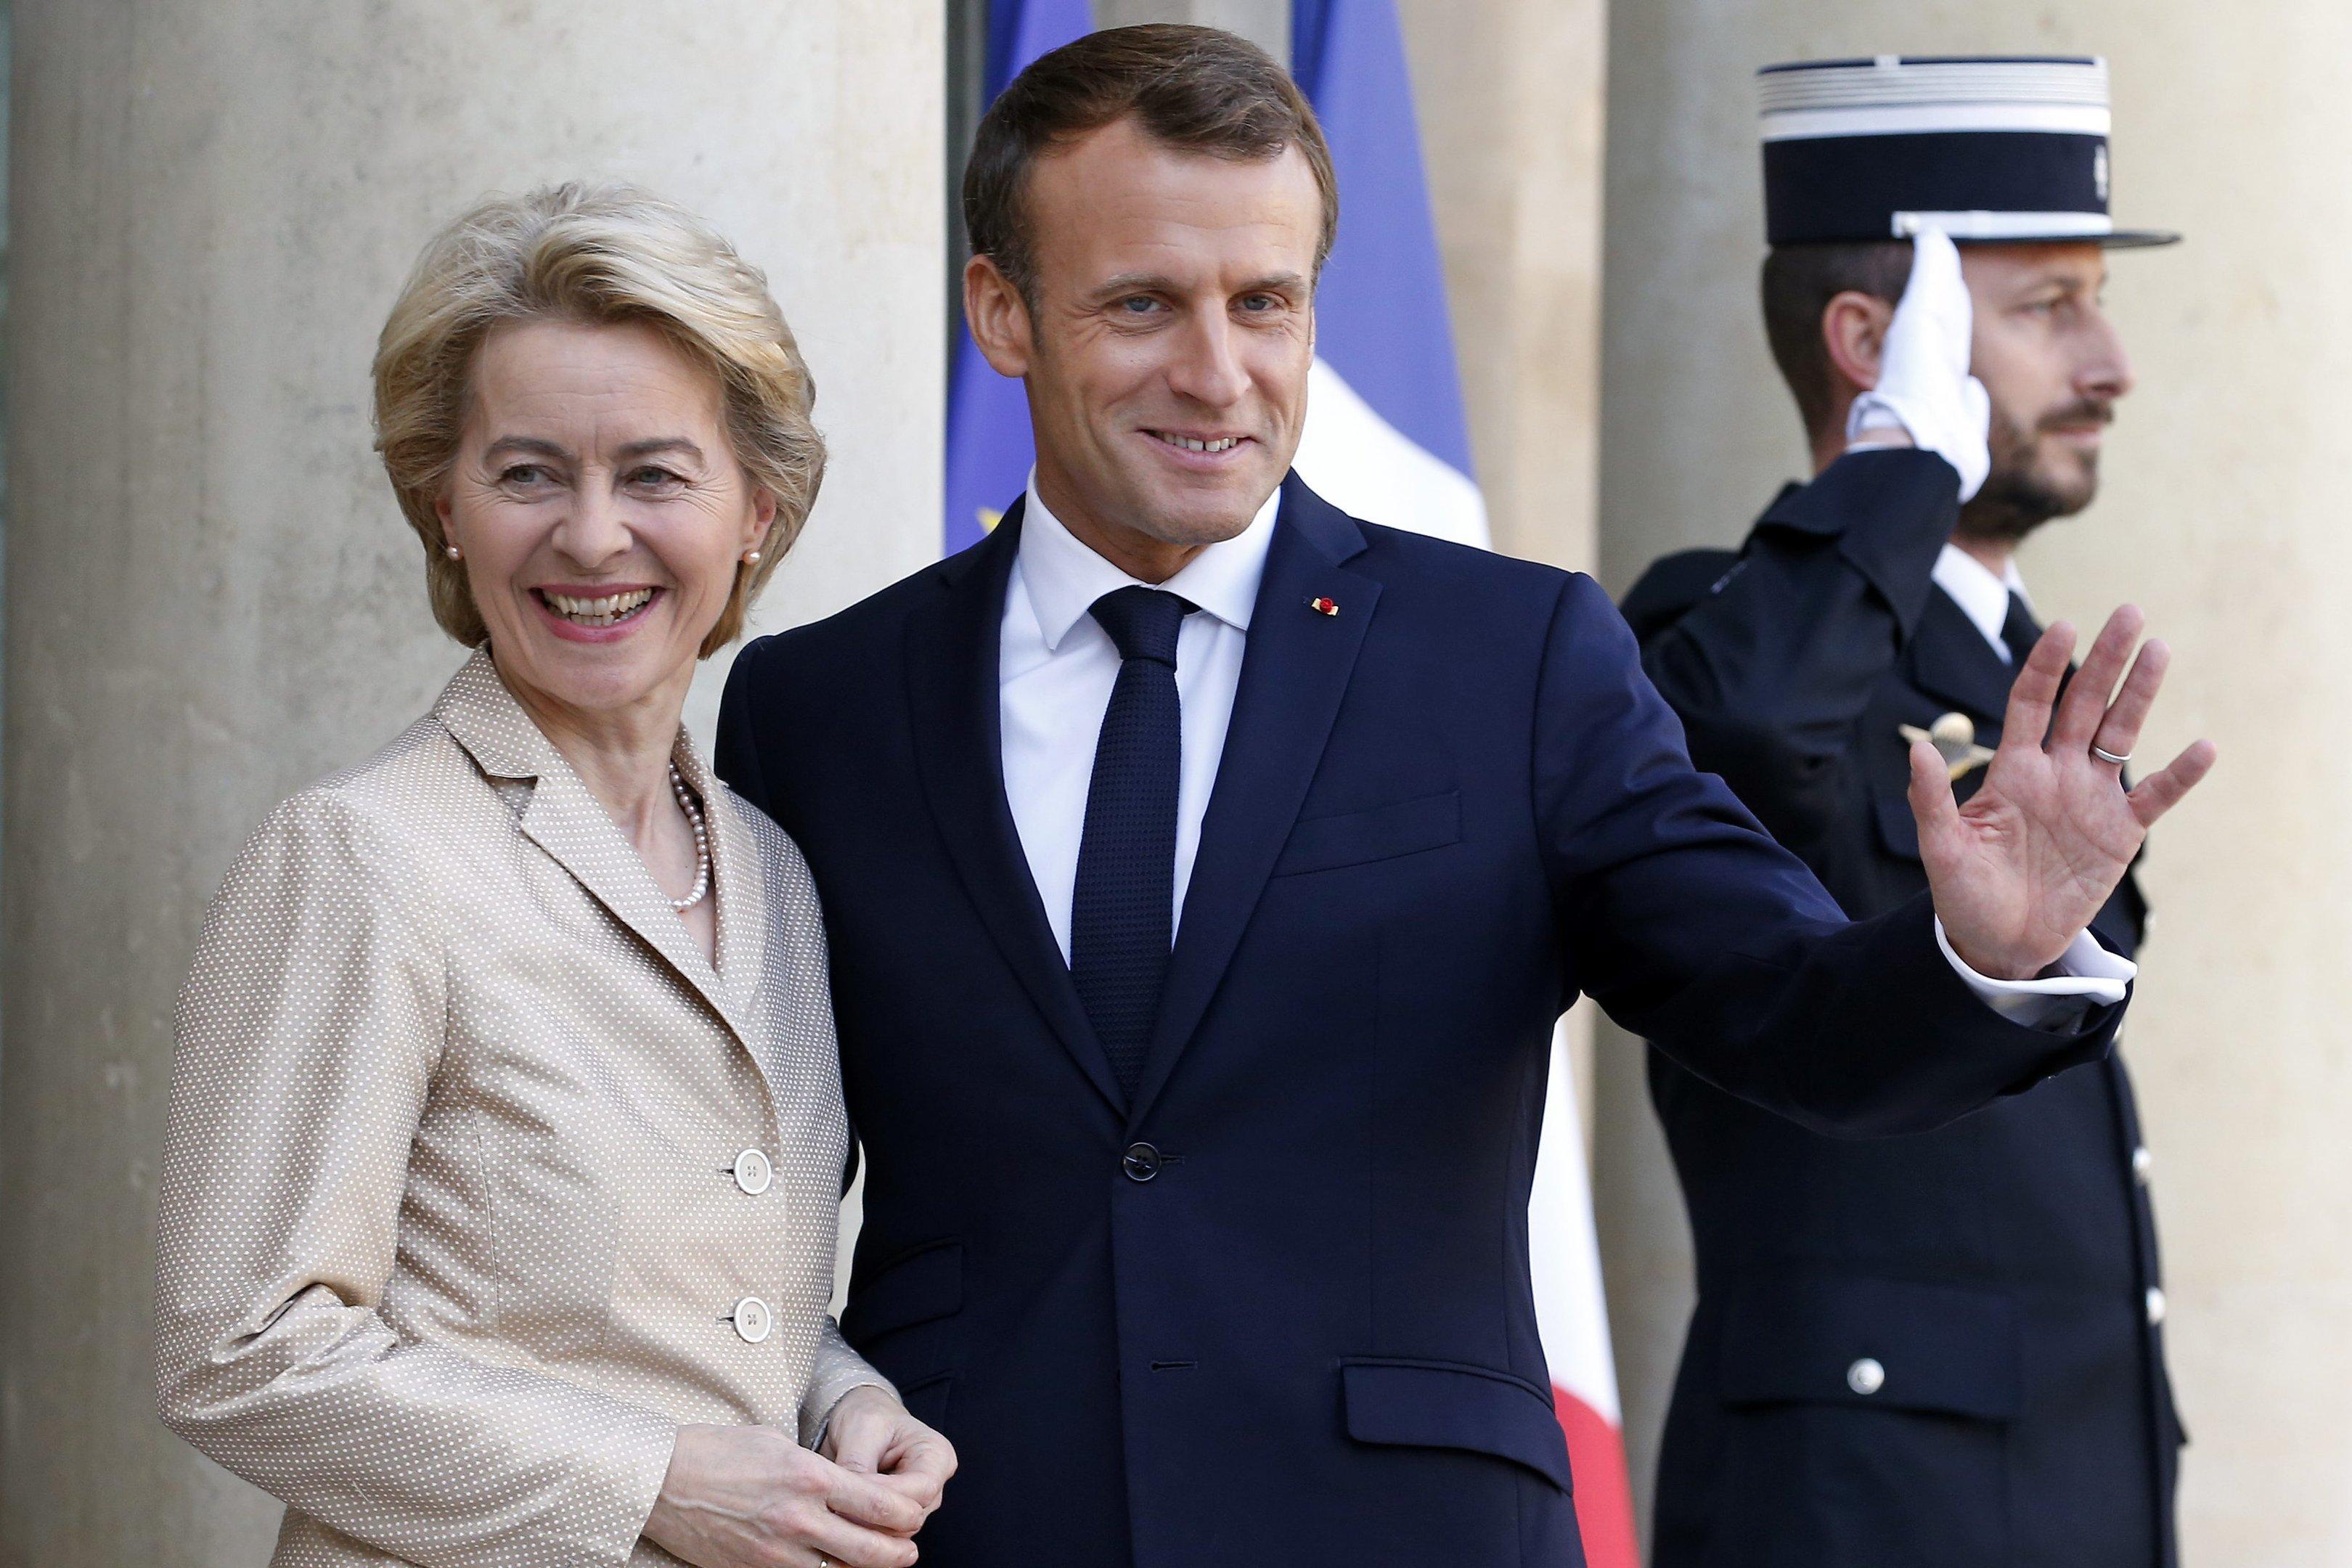 Presidente da comissão executiva da UE, Ursula von der Leyen, e o presidente francês, Emmanuel Macron. Paris, outubro de 2019. Foto: Chesnot/Getty Images